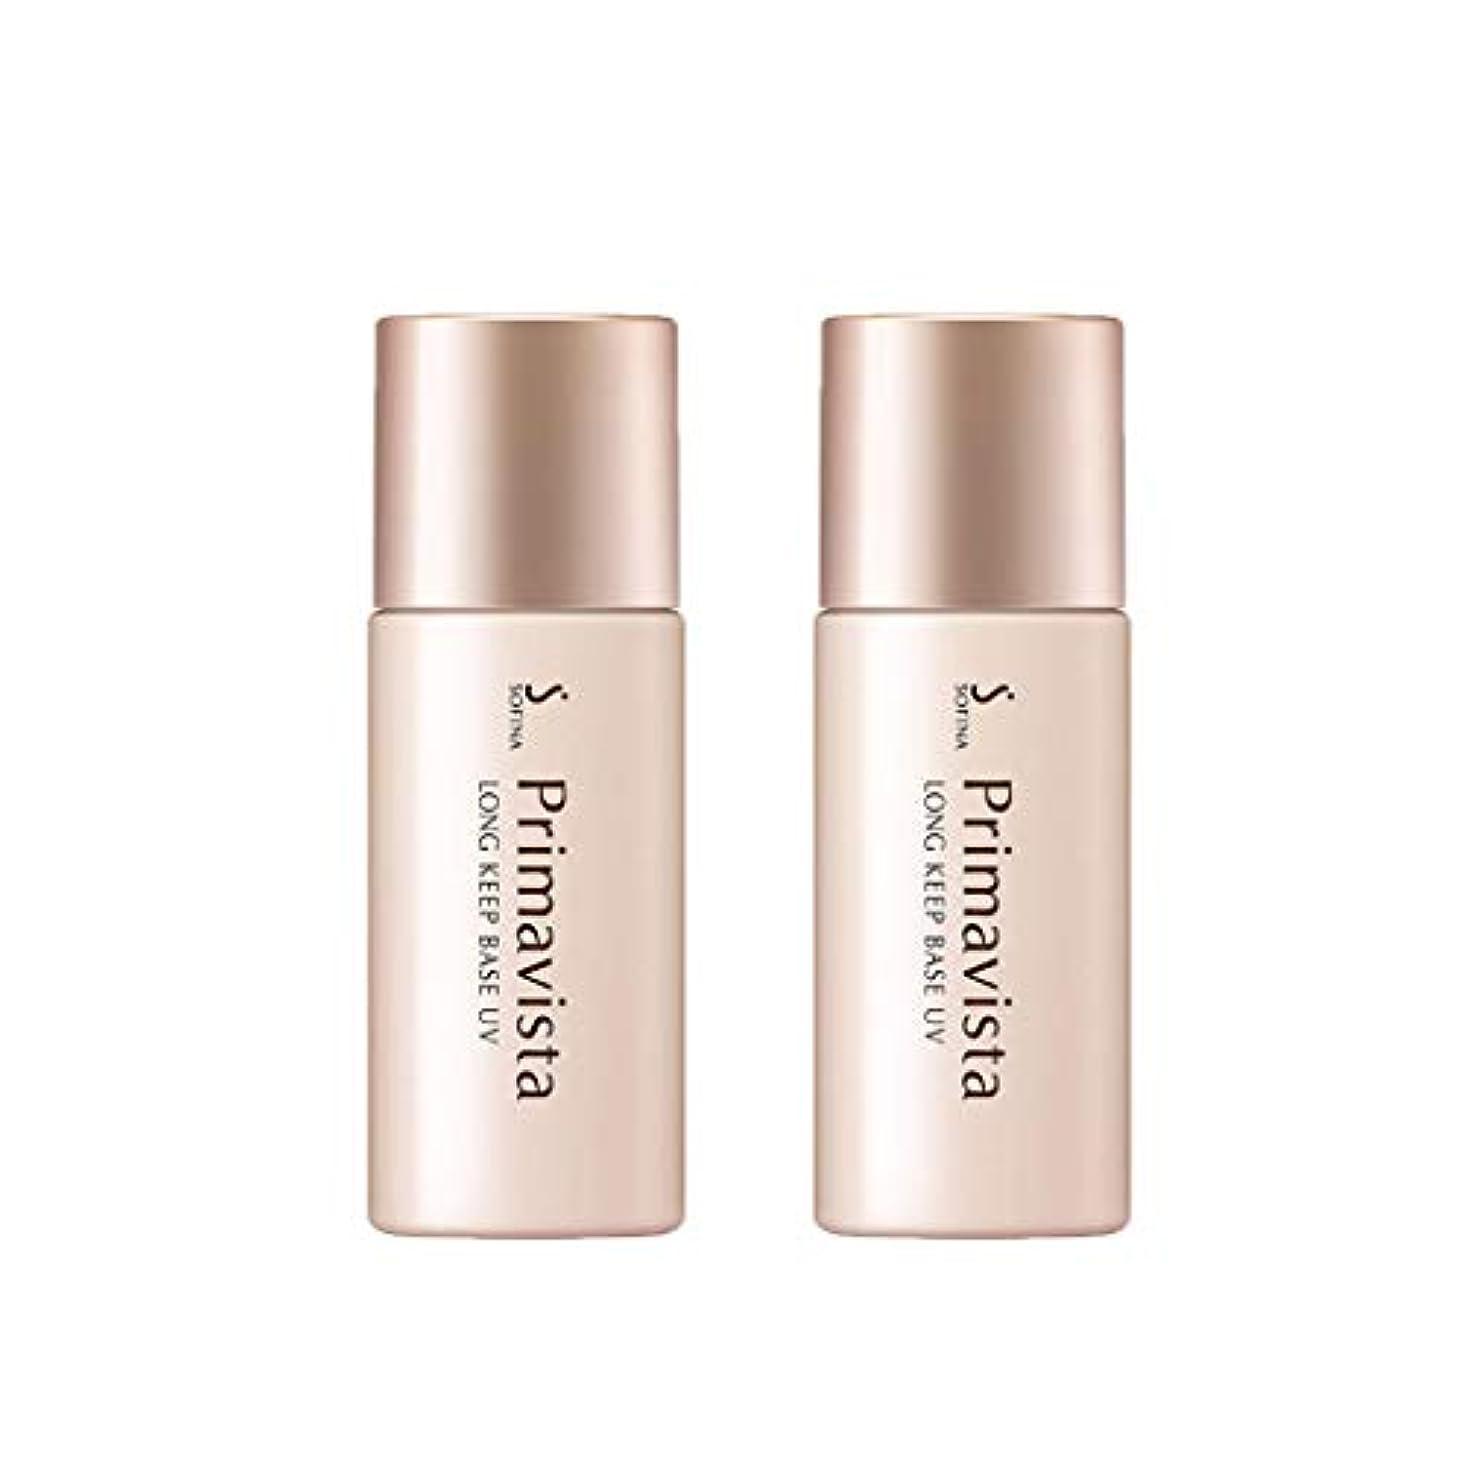 混沌古くなった撤回する【2個セット】プリマヴィスタ 皮脂くずれ防止化粧下地UV SPF20 PA++